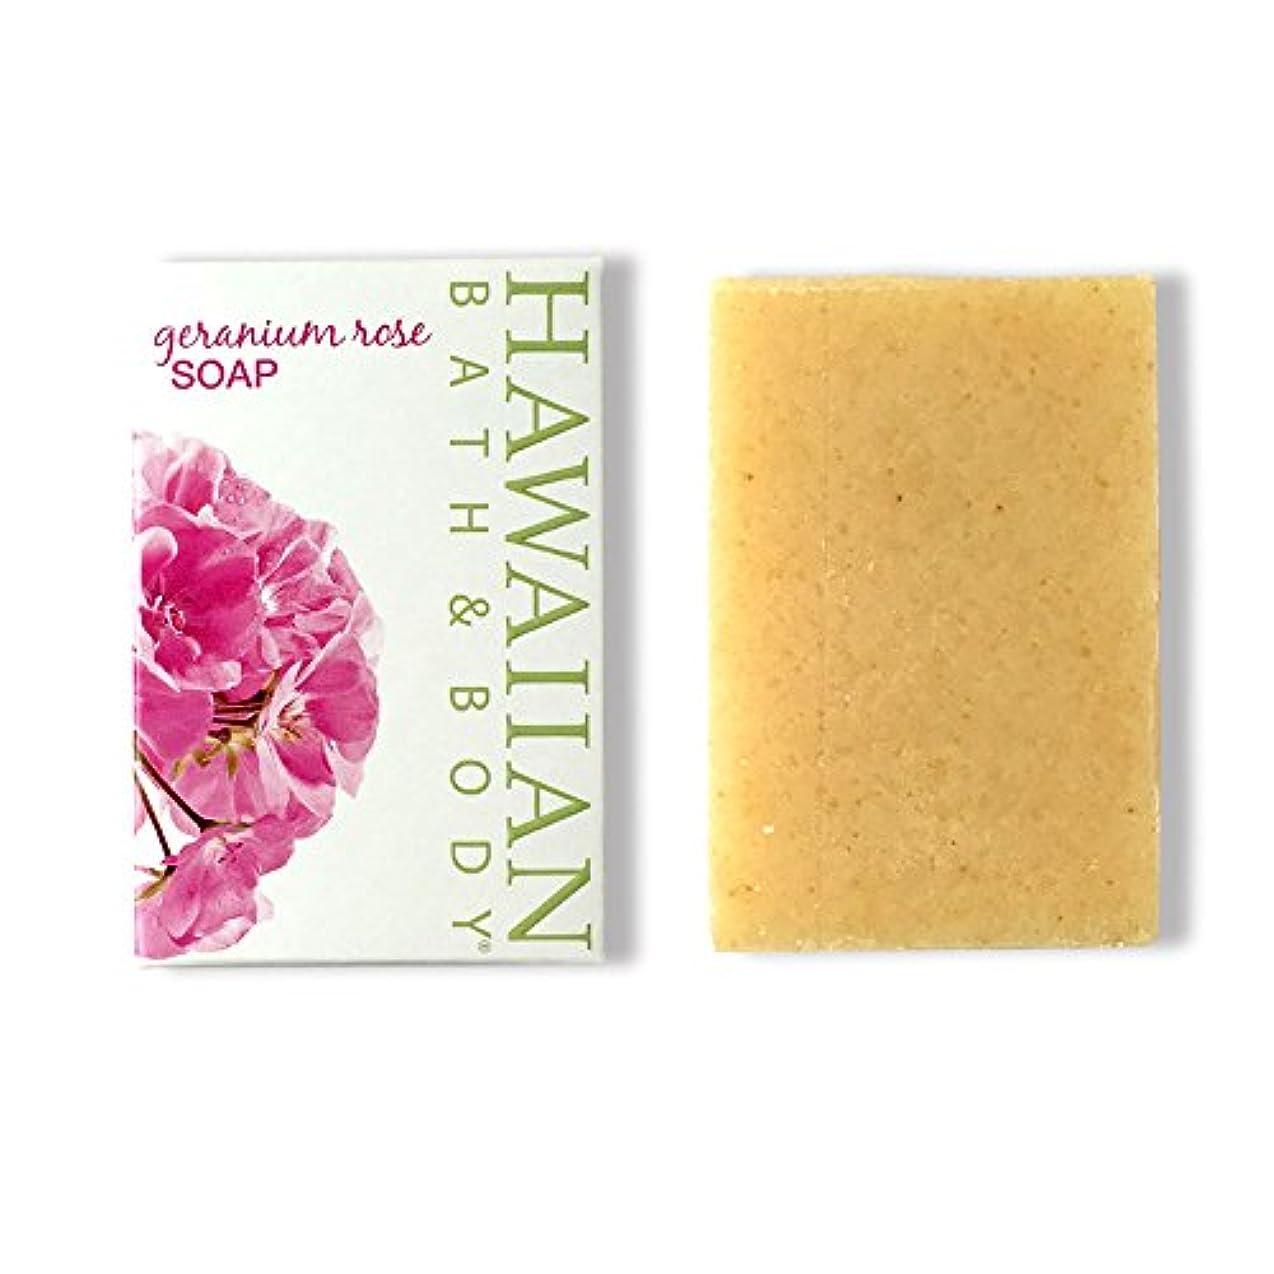 ハワイアンバス&ボディ ゼラニウムローズソープ ( Geranium Rose Soap )